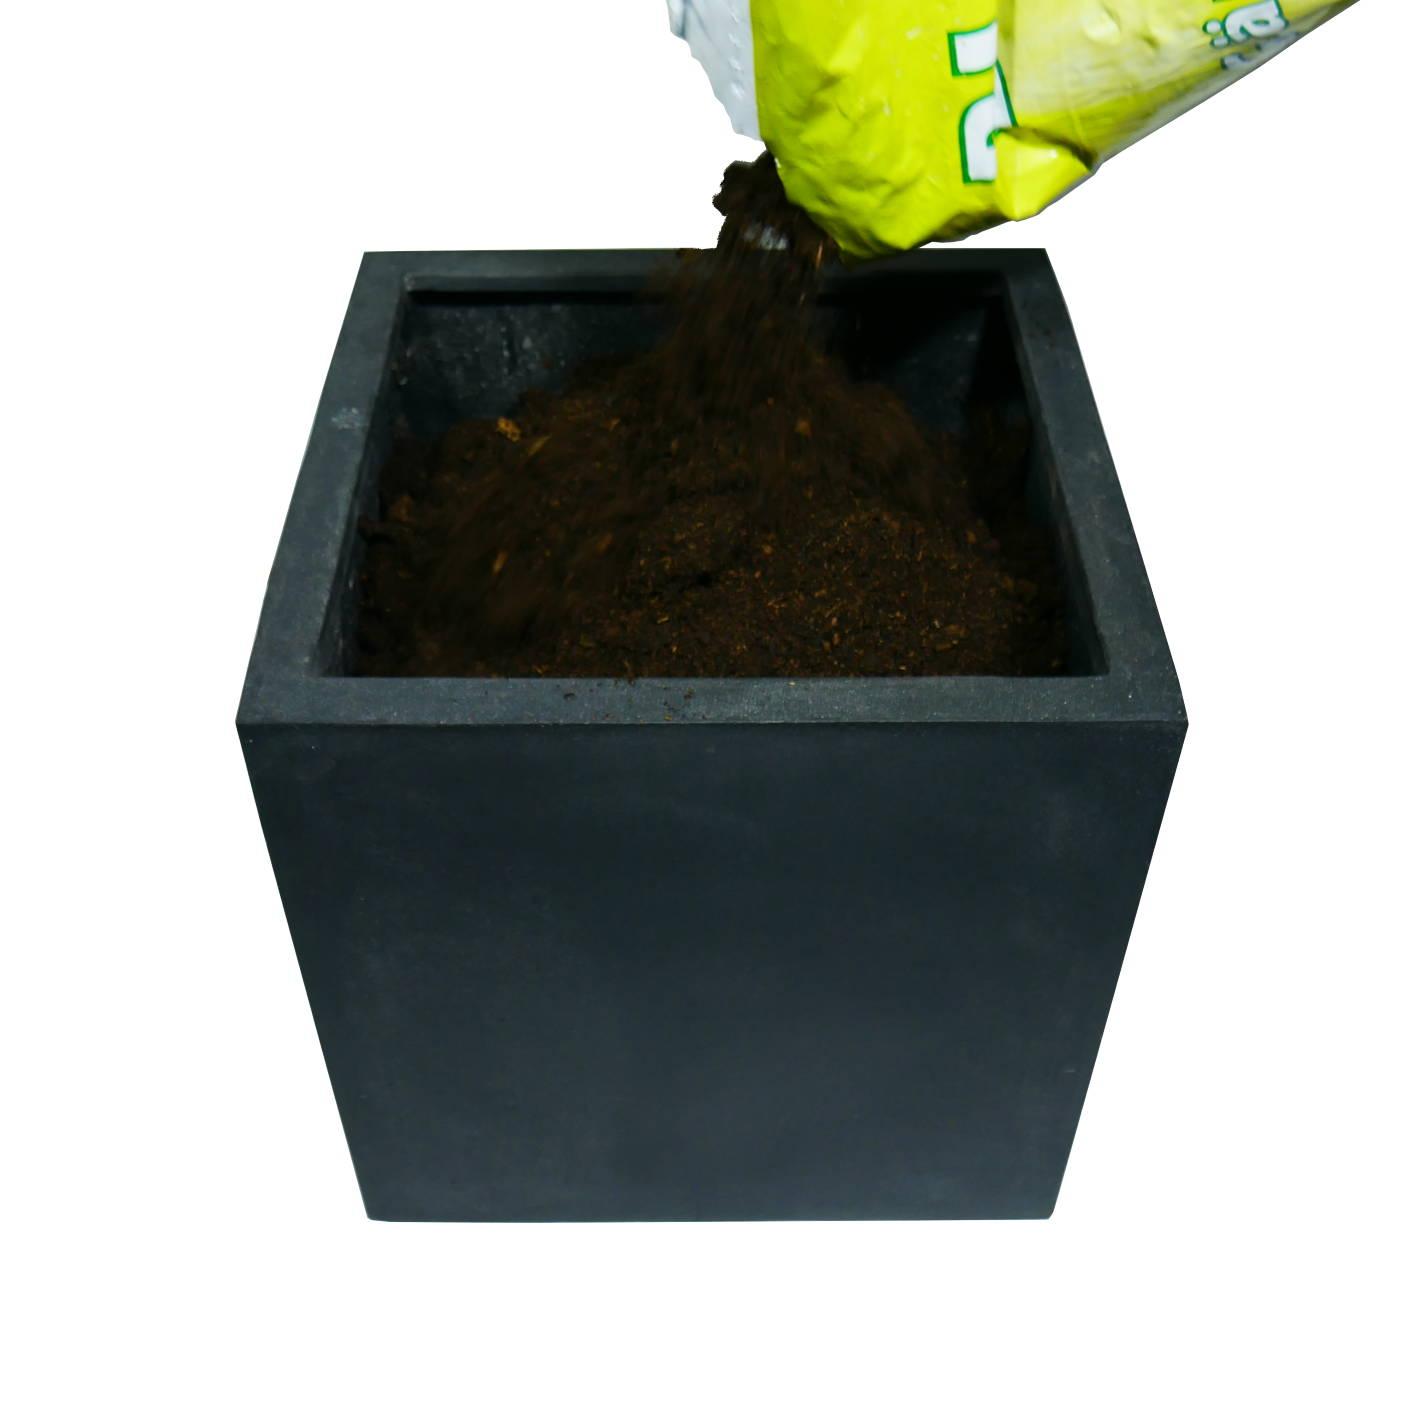 Pflanzgefäß wird mit Erde aufgefüllt